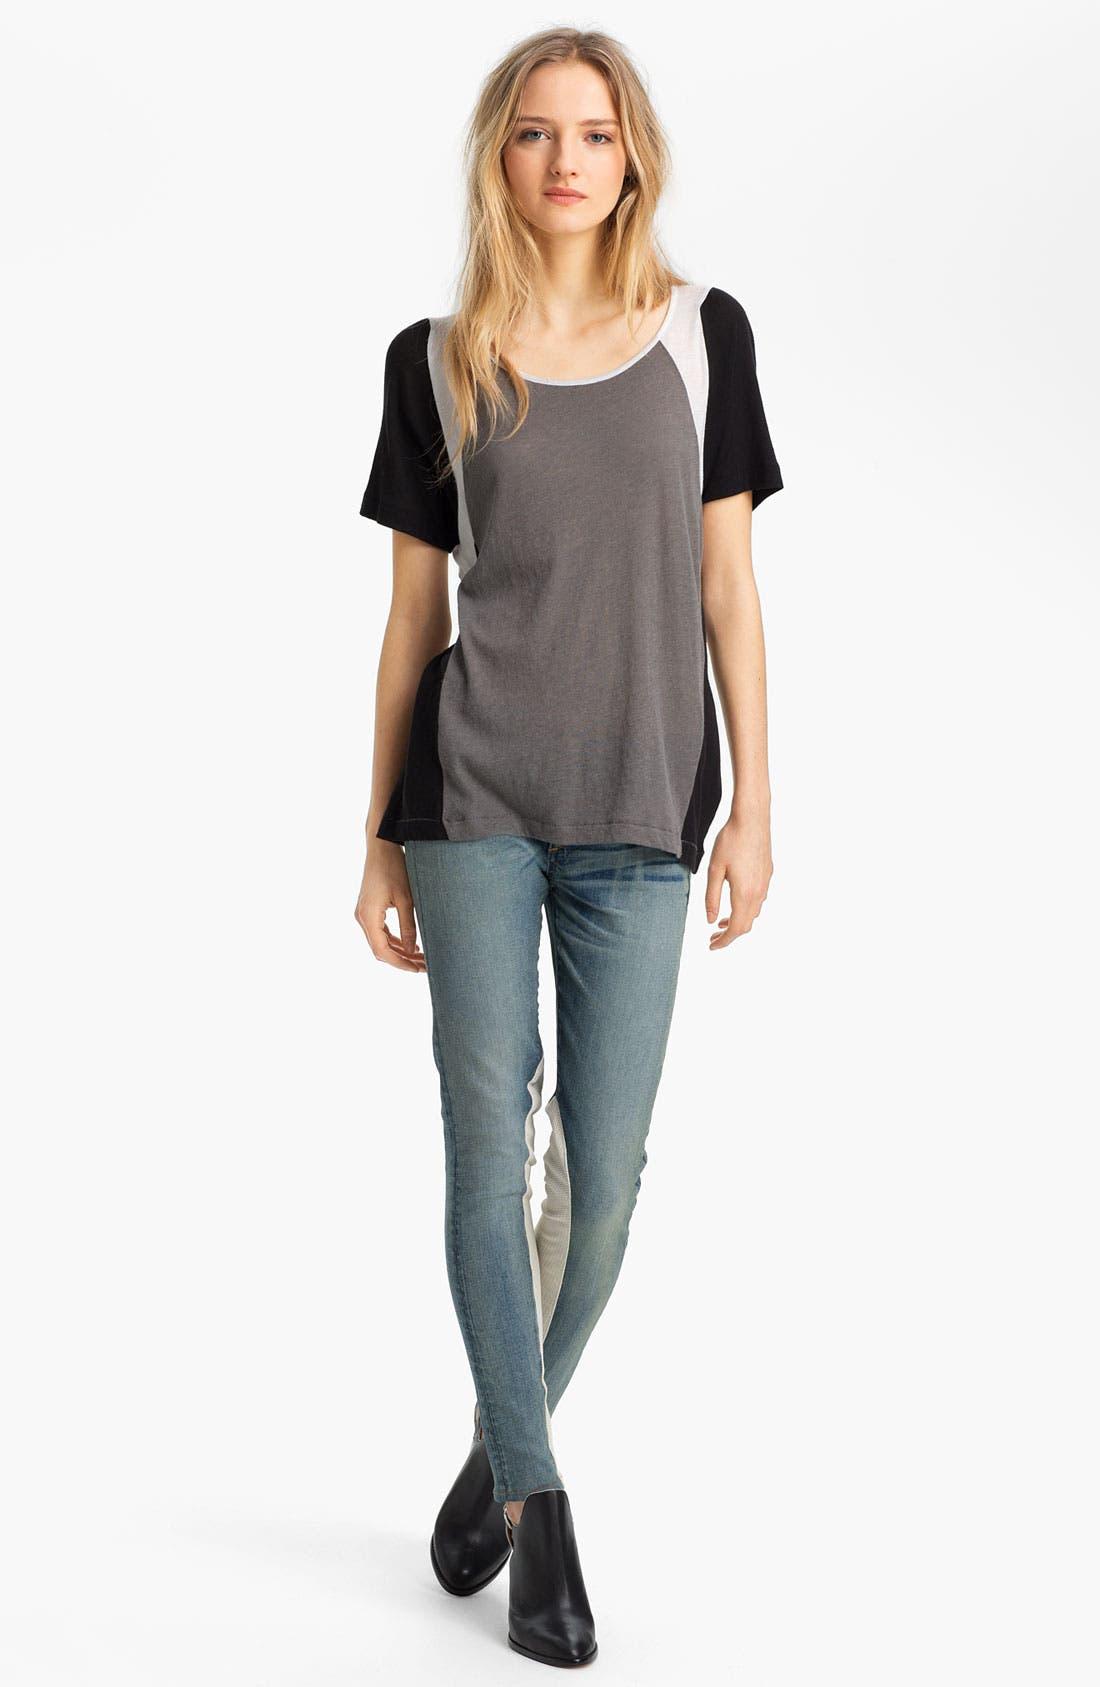 Alternate Image 1 Selected - rag & bone/JEAN Tee & Jeans